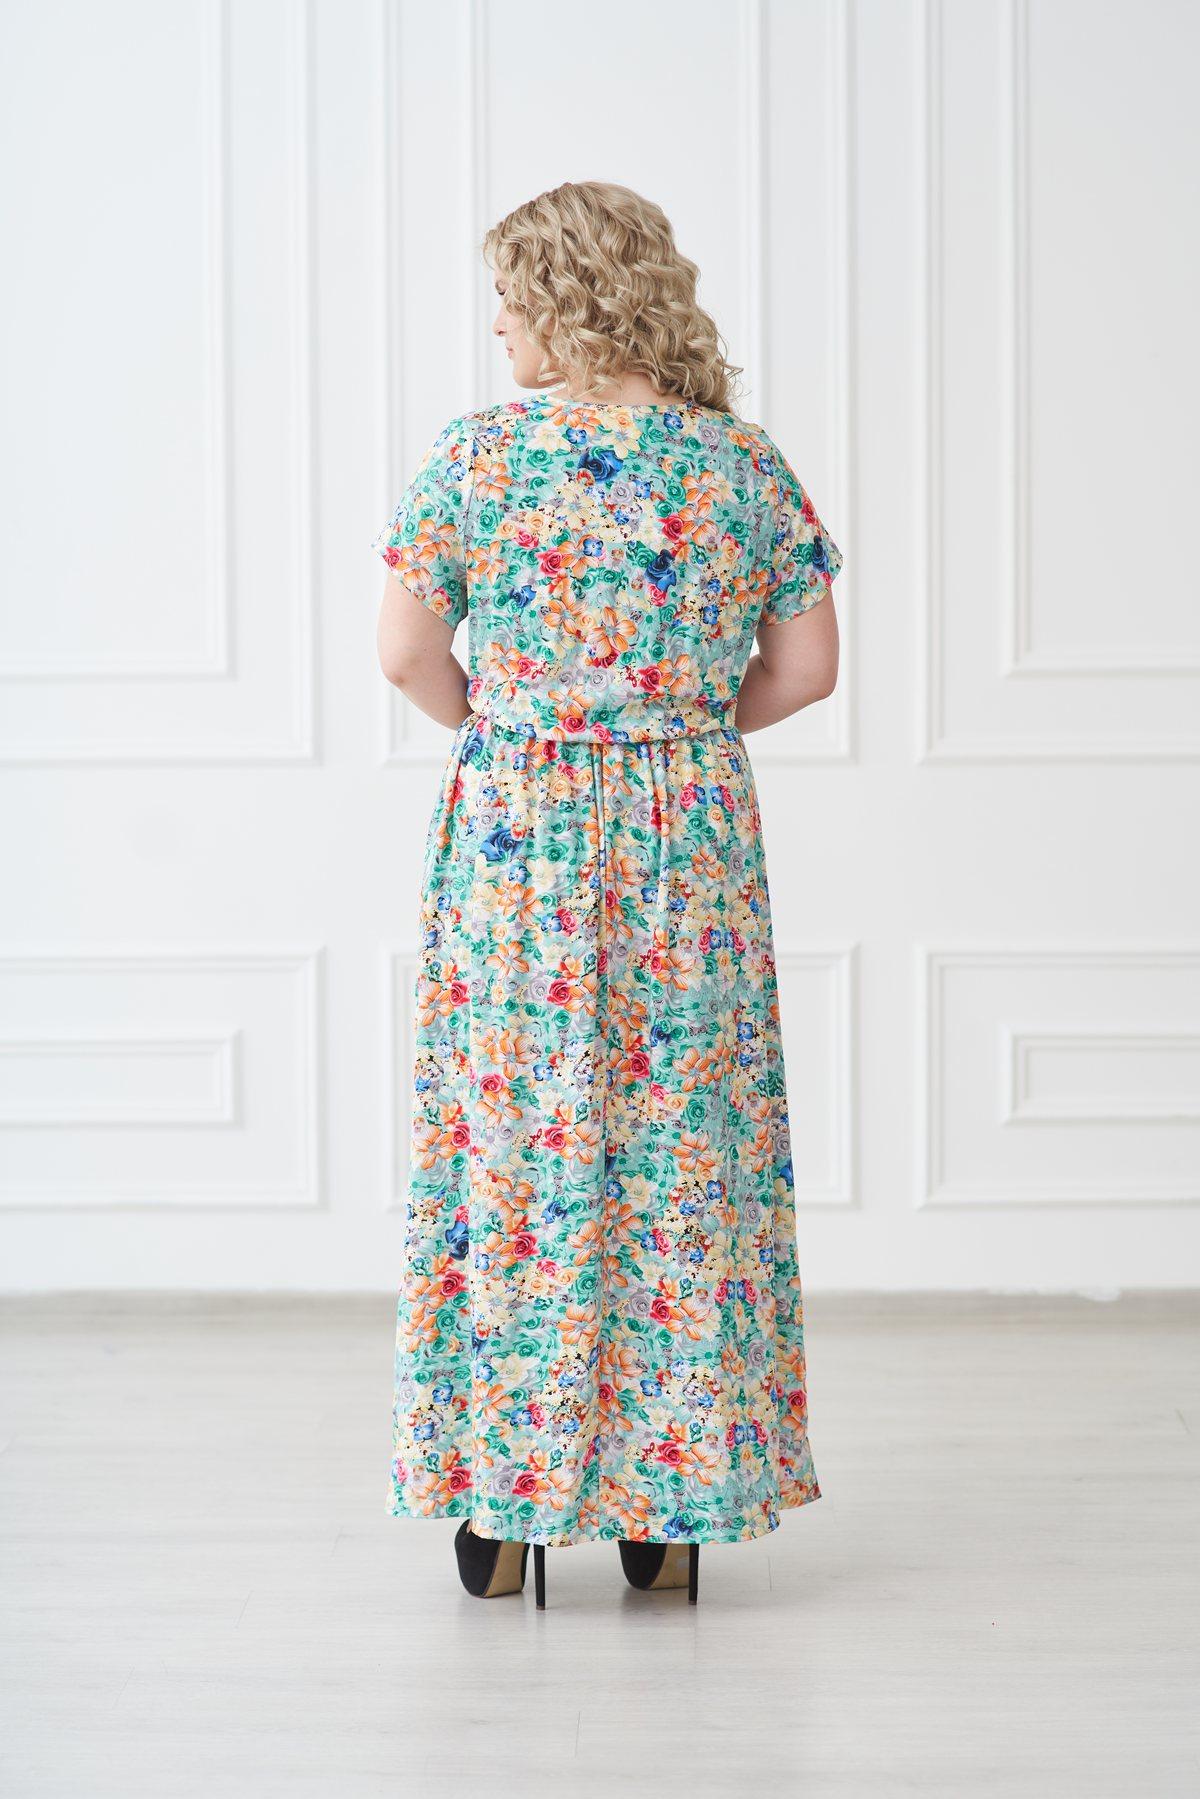 Жен. платье арт. 19-0140 ментол р. 46